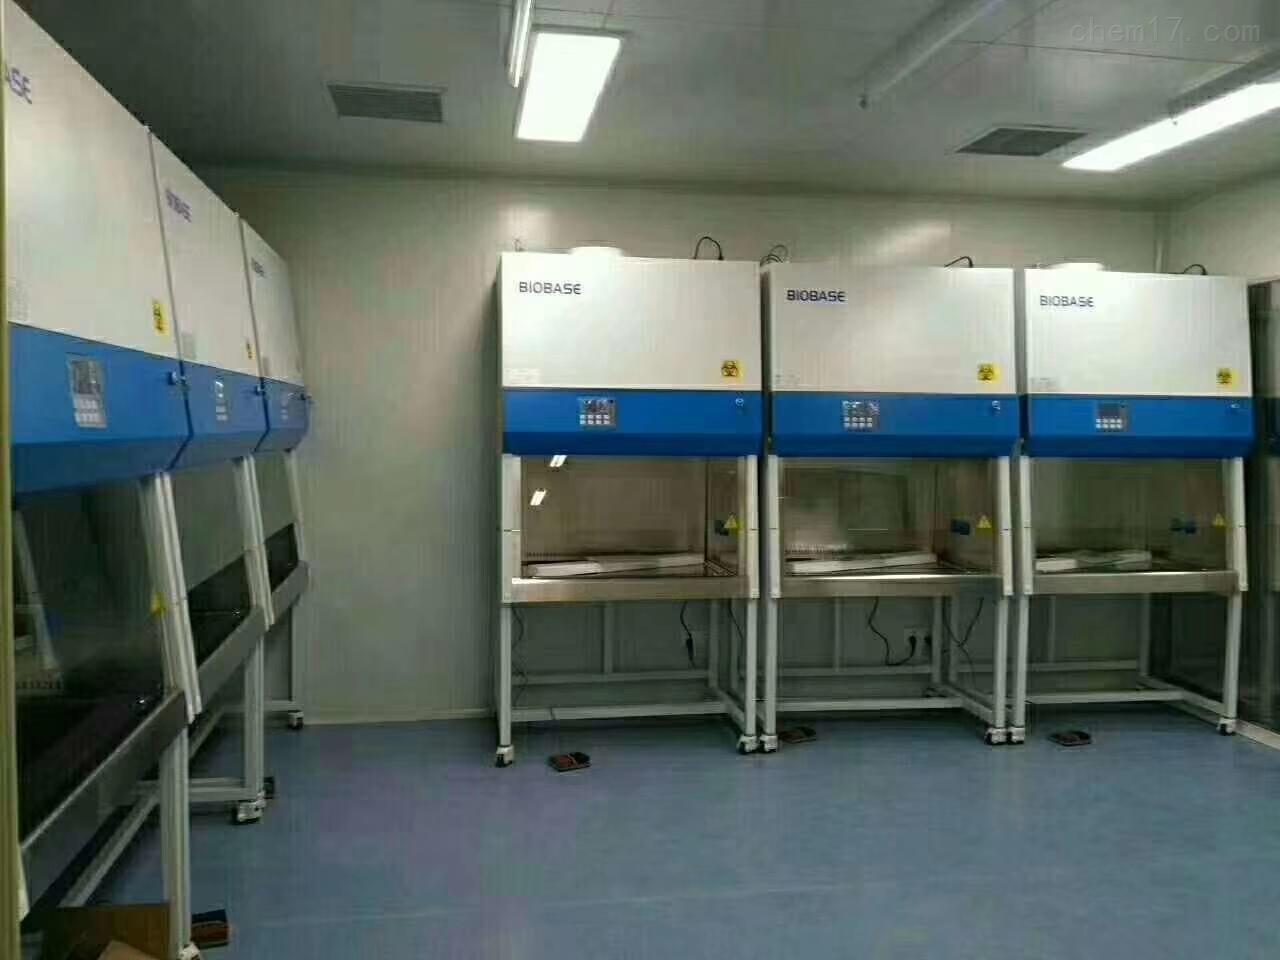 博科半排A2的生物安全柜选购平台